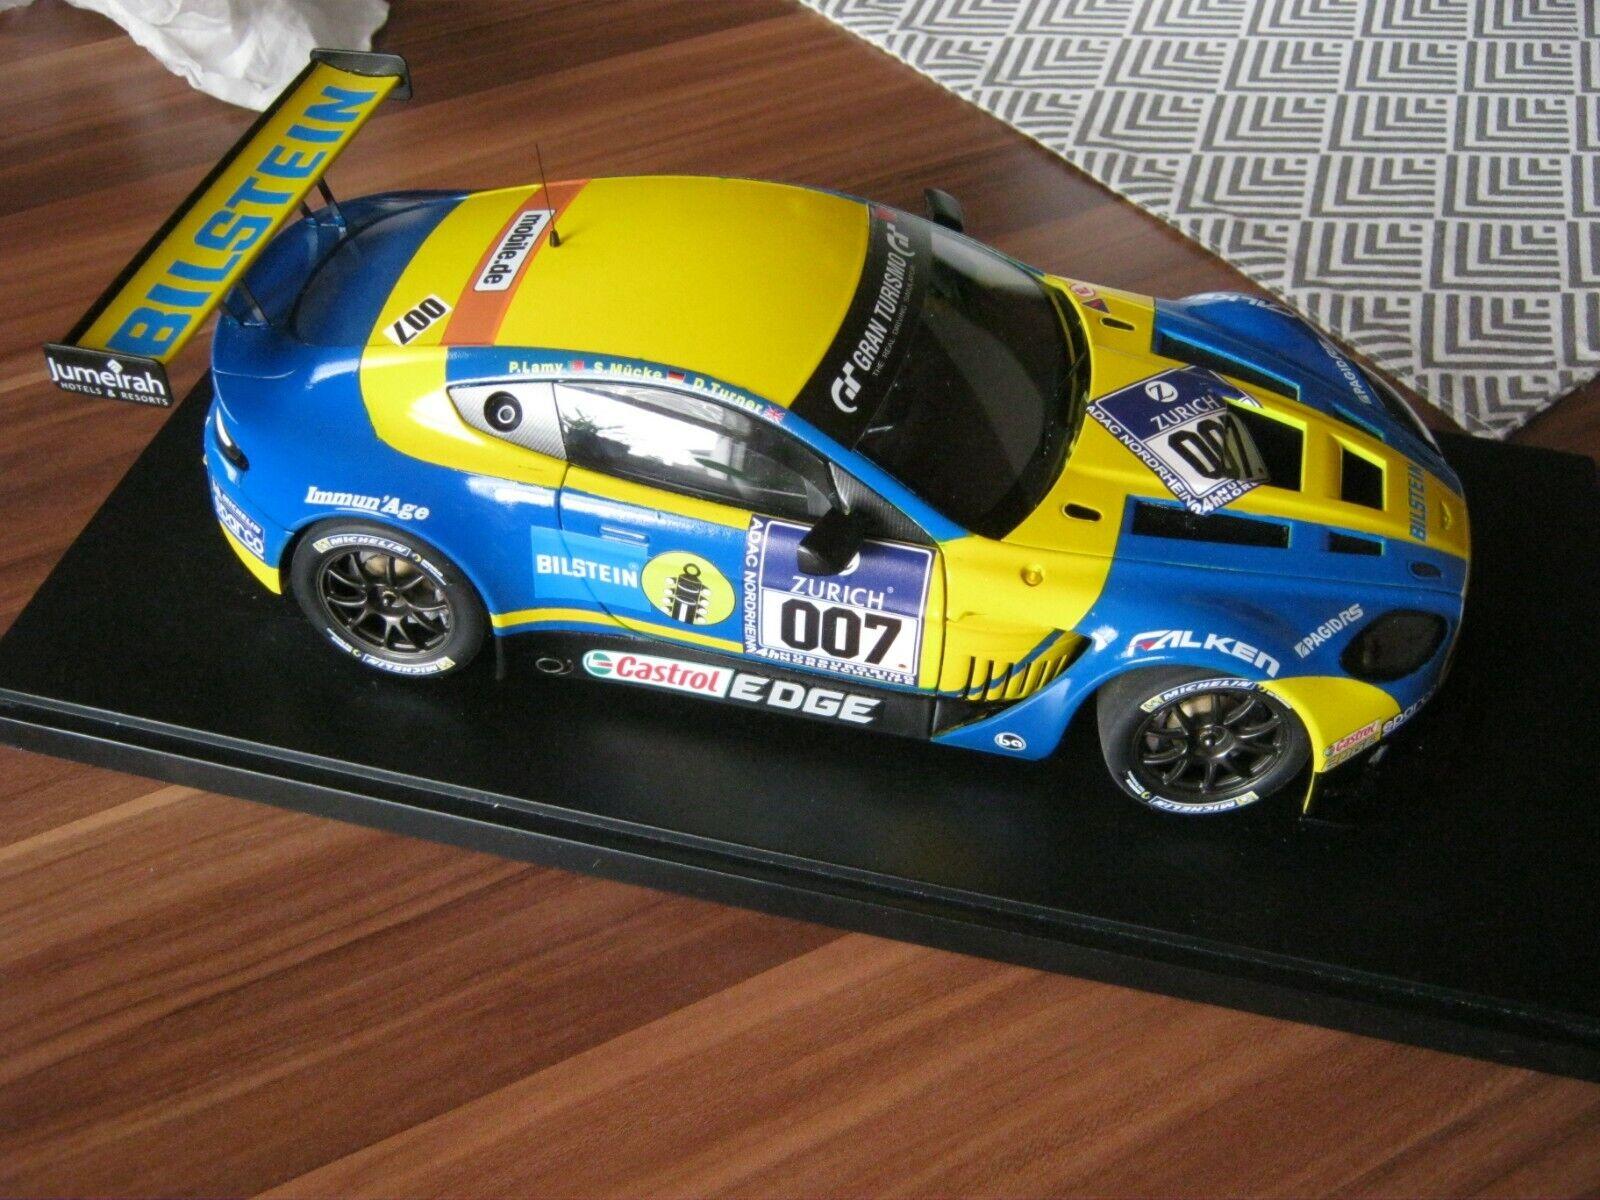 Aston Martin gt3  24h nurburgring 2013  1 18 anf.